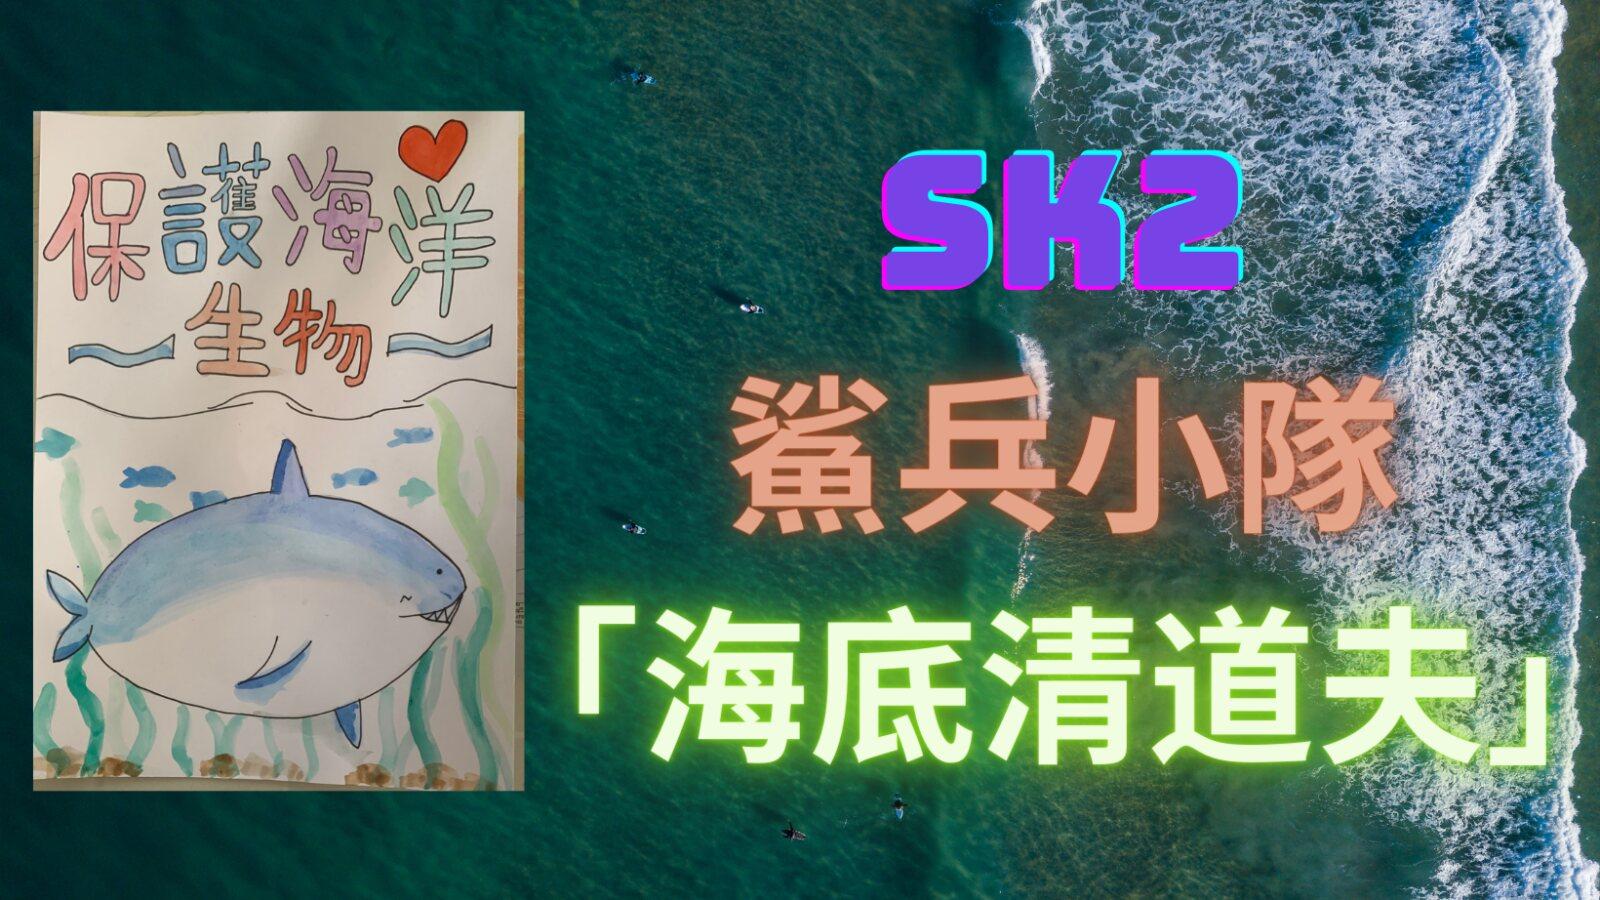 SK2 「魚夫之寶」